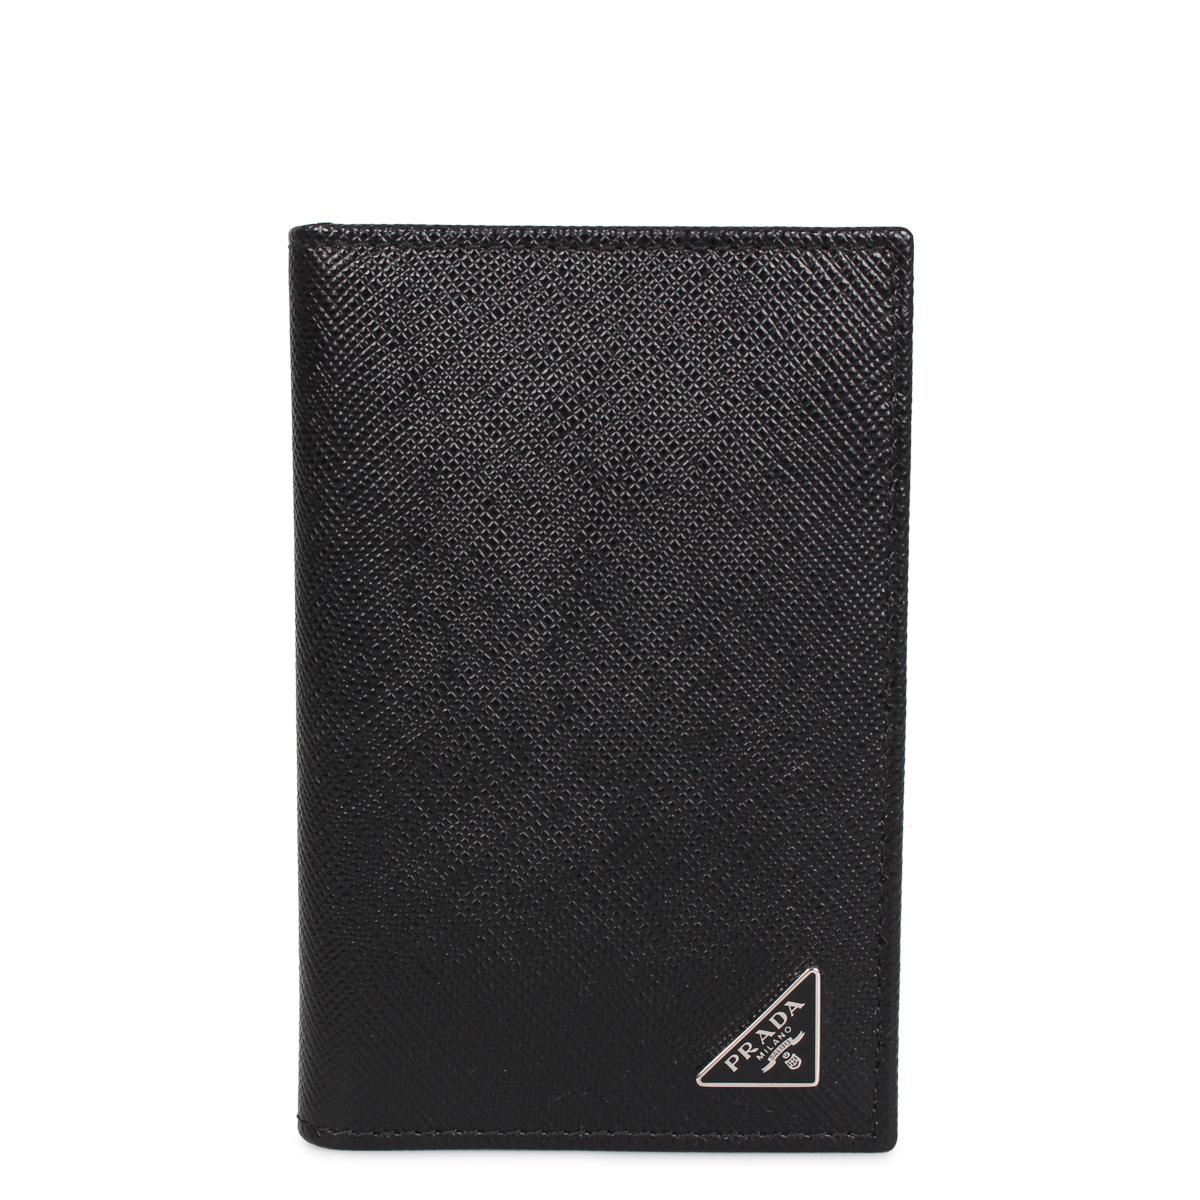 PRADA SAFFIANO TRIANGOLO プラダ パスケース カードケース ID 定期入れ サフィアーノ メンズ ブラック 黒 2MC101-QHH [3/9 新入荷]